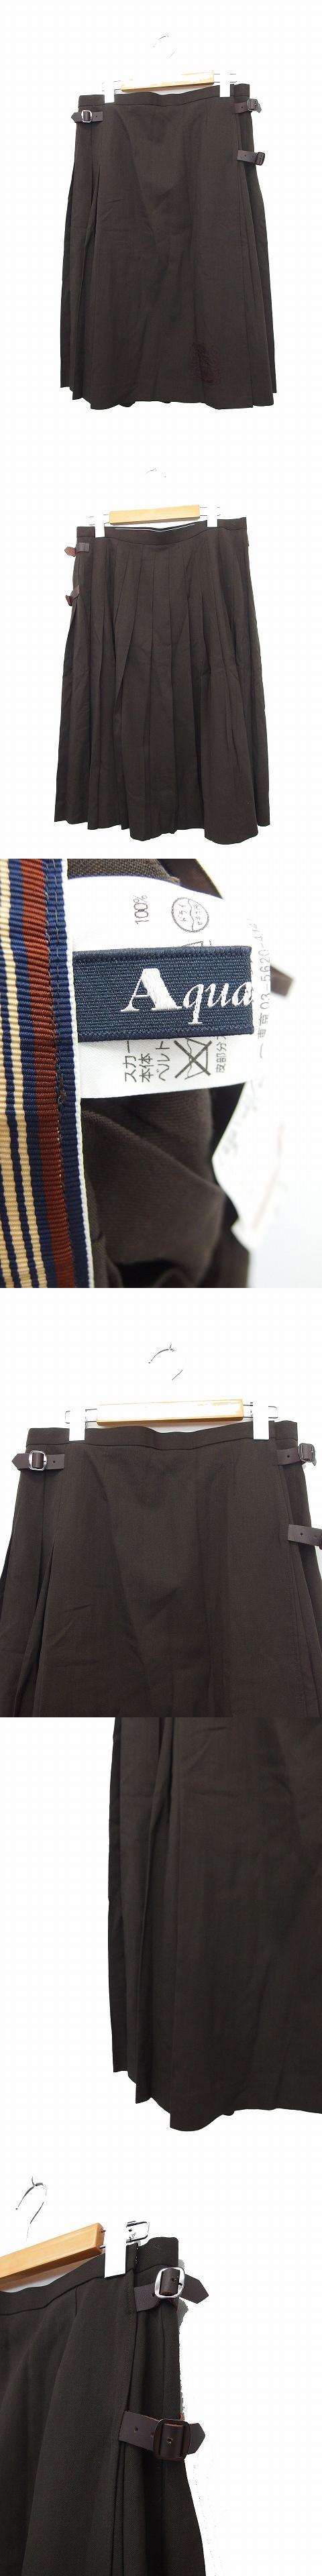 スカート プリーツスカート  膝丈 ベルト ウール ブラウン 茶 /KT42